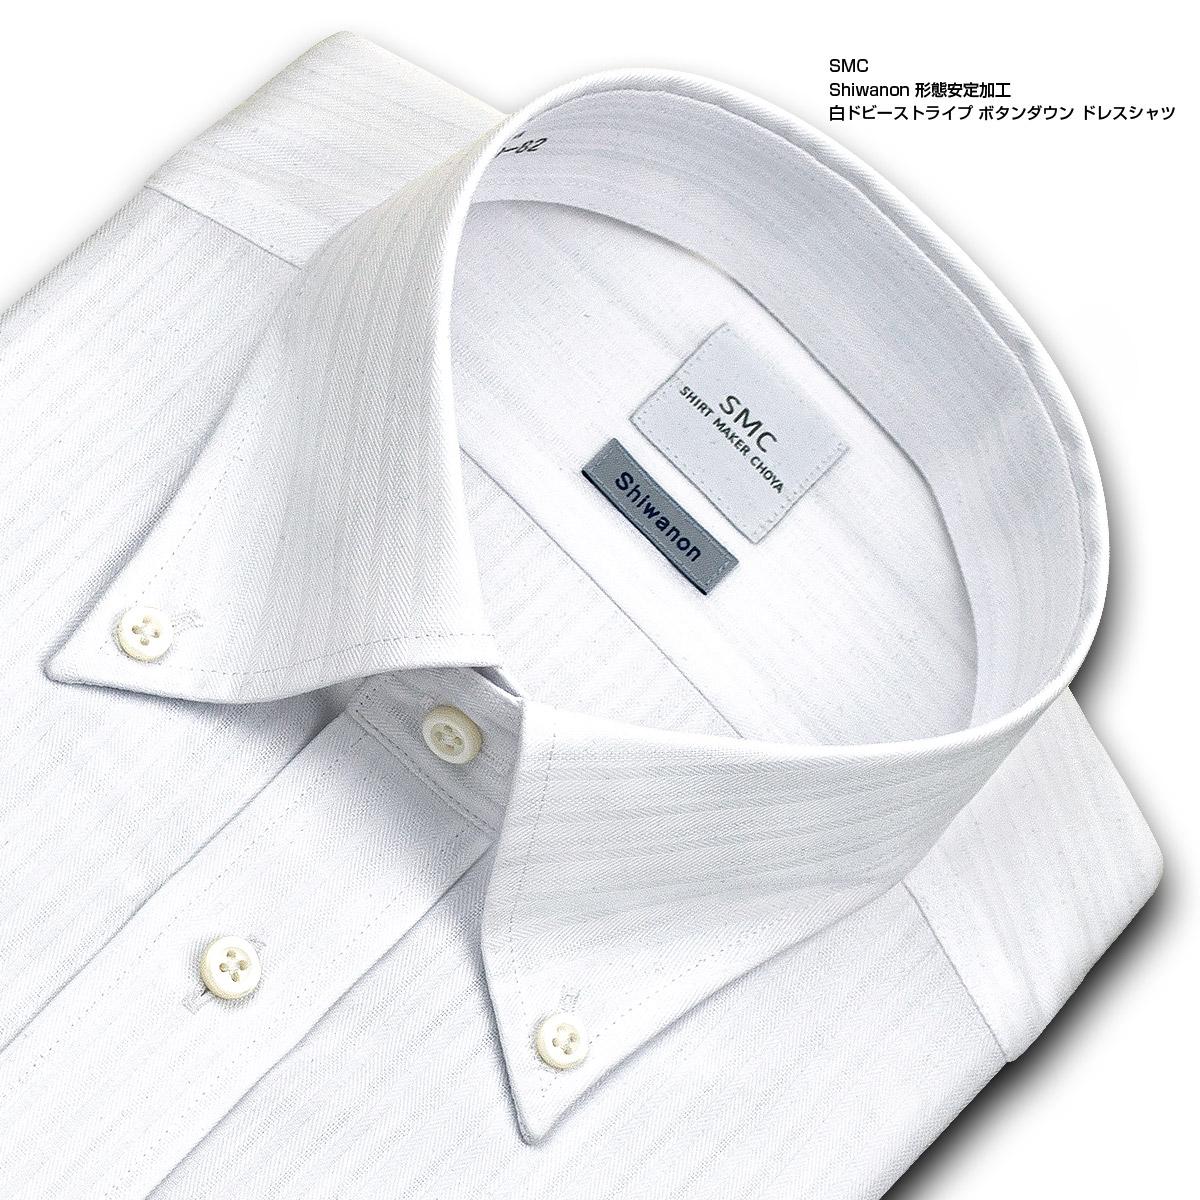 高級 春夏秋冬 上質 形態安定加工 | 長袖 白ドビー (cfd821-200) ワイシャツ 綿:100% ホワイト メンズ 日清紡アポロコット CHOYA SHIRT FACTORY ボタンダウンシャツ